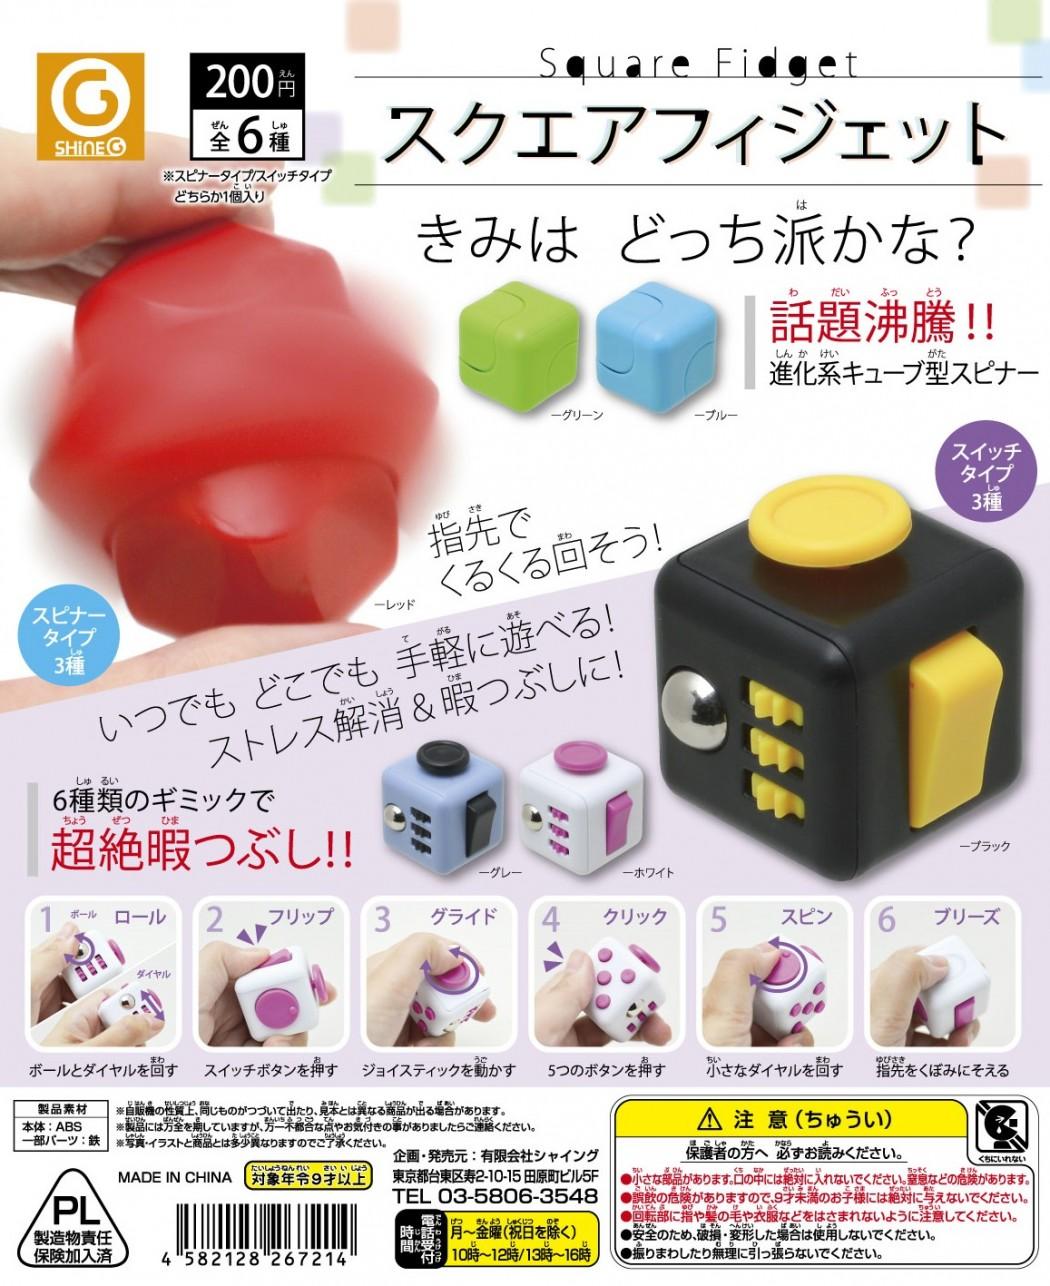 squarefidget